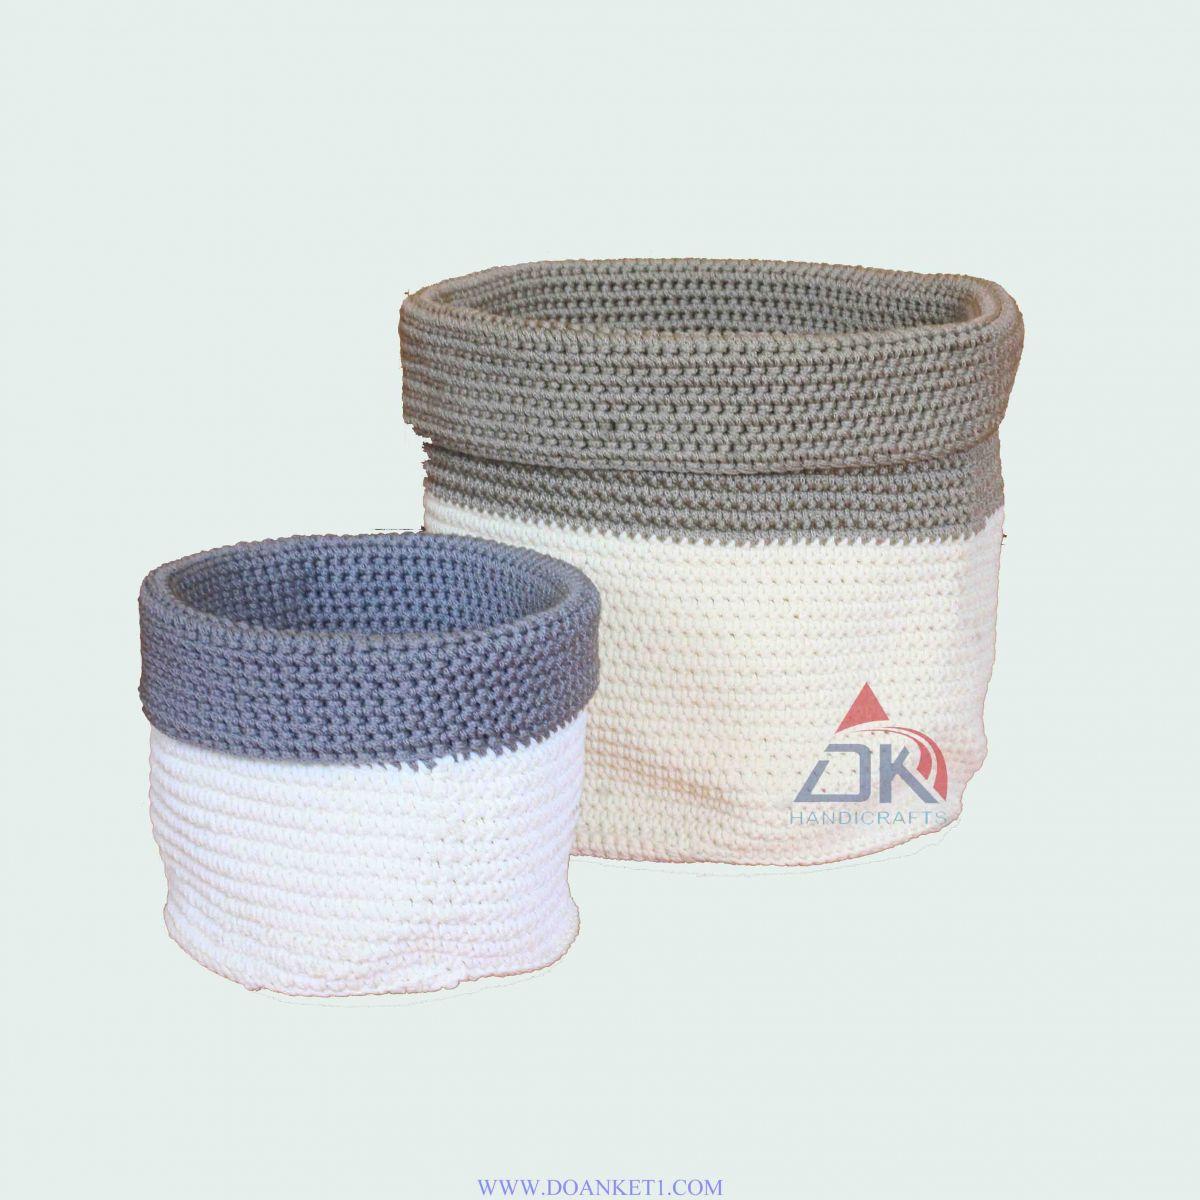 Textile Basket S/2 # DK139